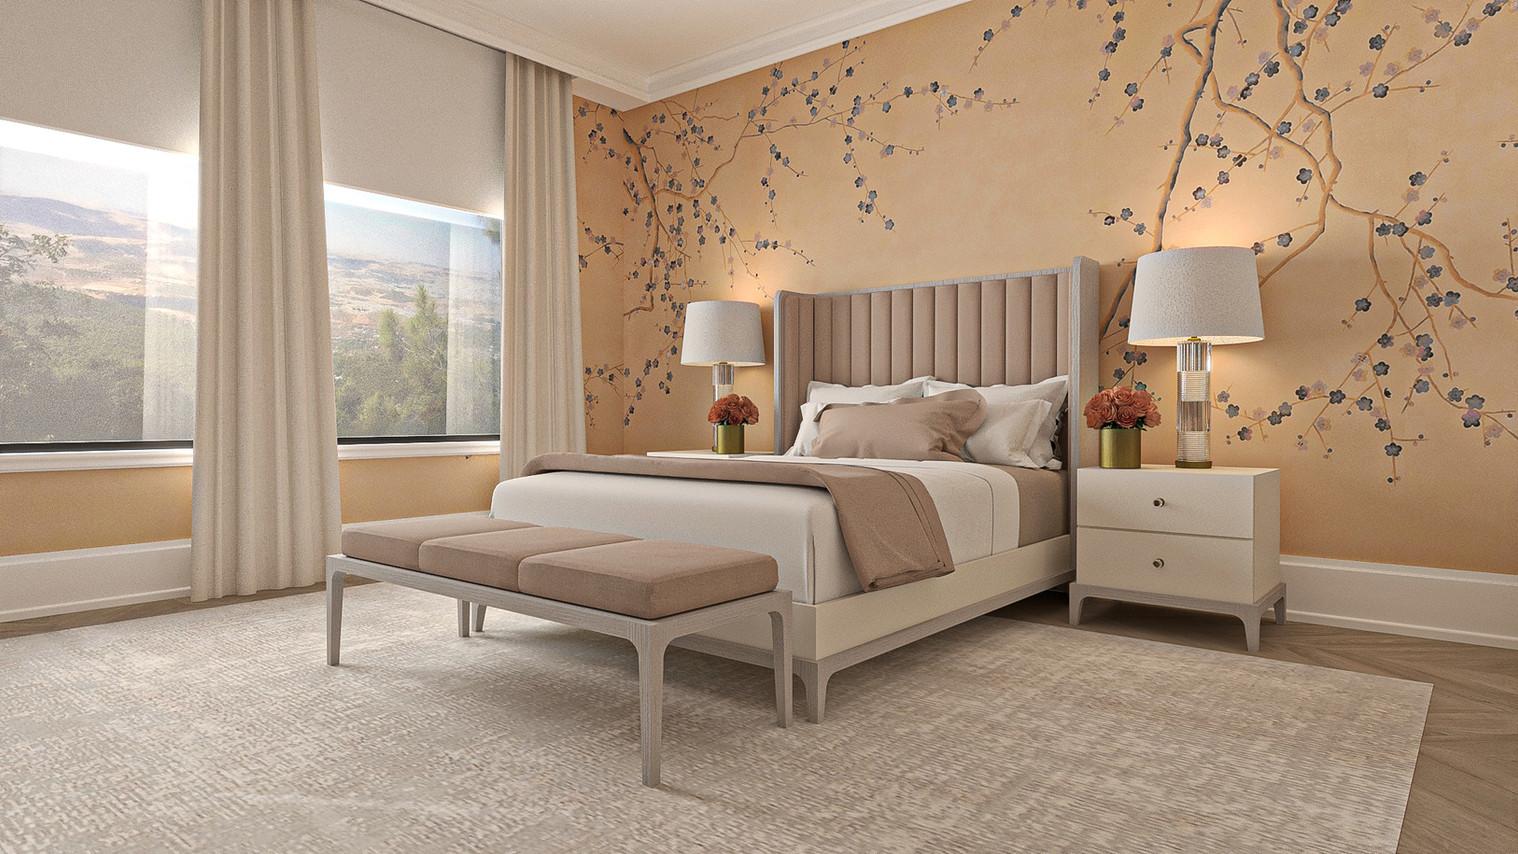 Room Scene - Option B 001.jpg